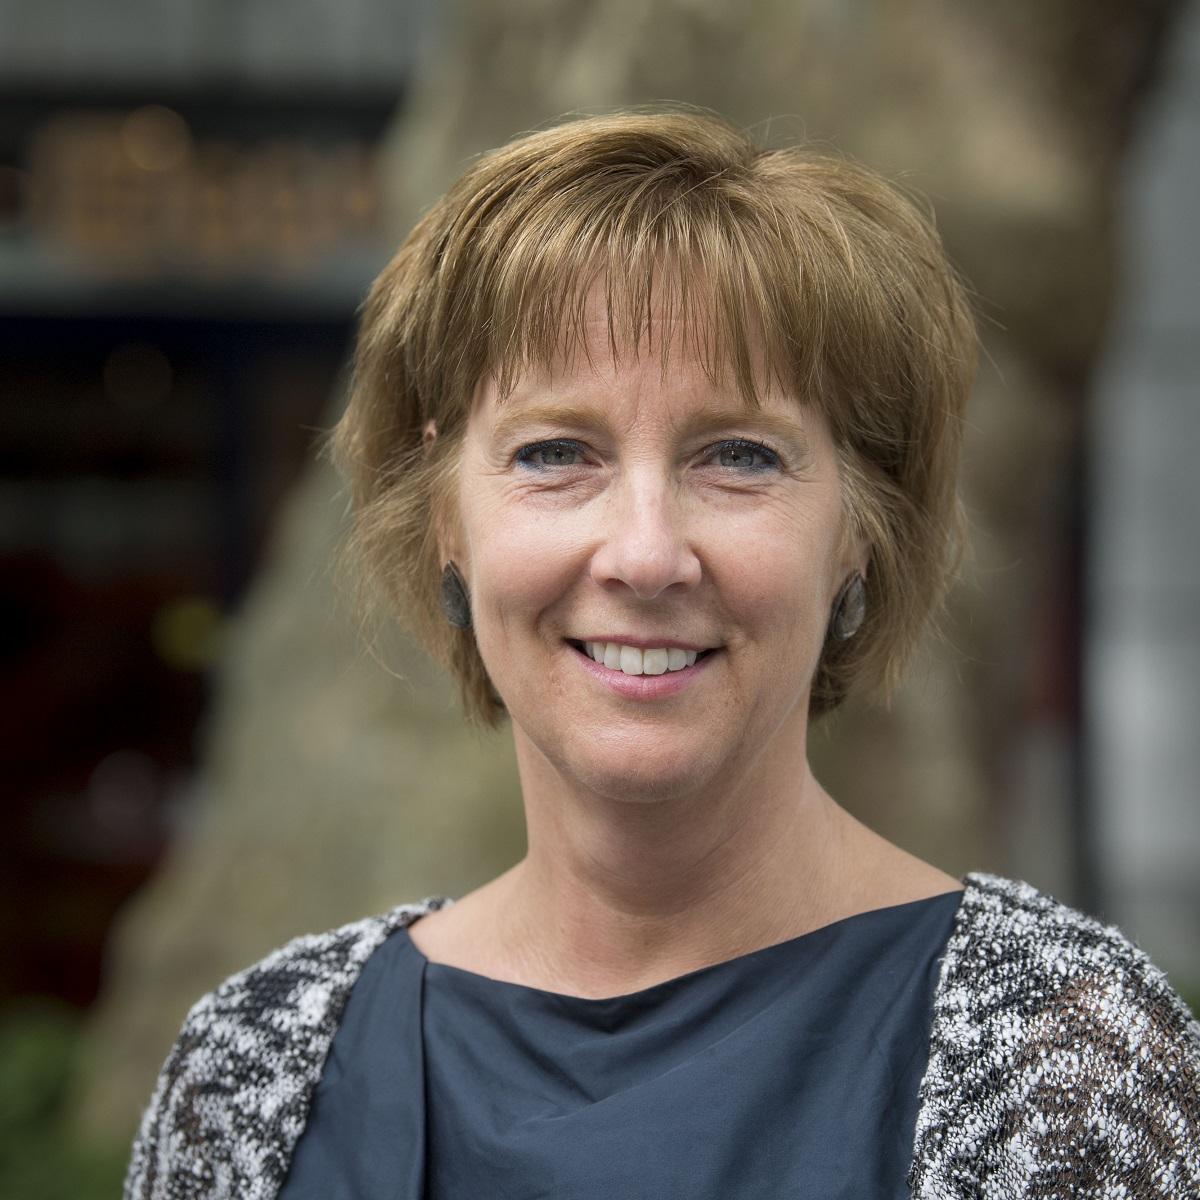 Portretfoto van Jeannette Huurman, Financieel manager van UDSRotterdam